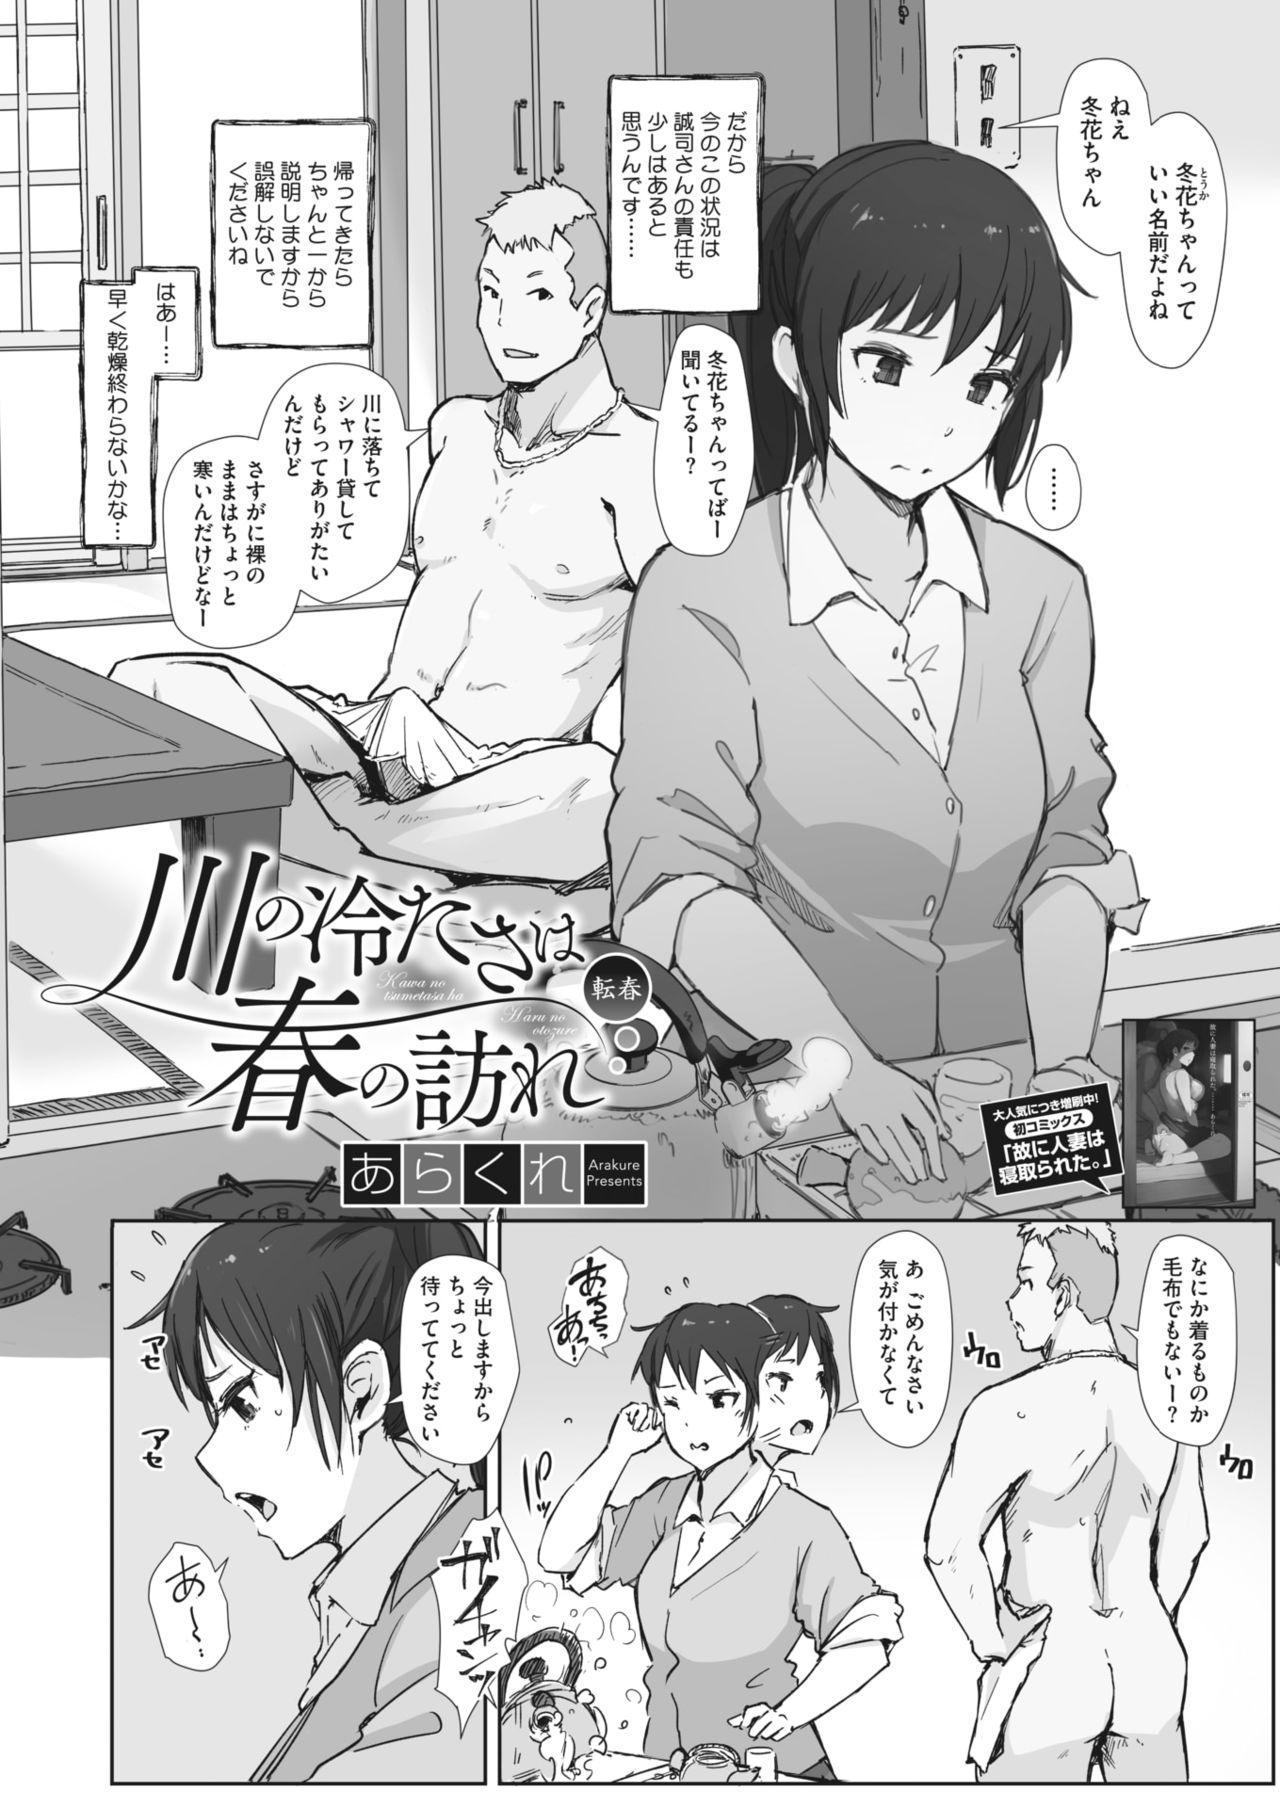 Kawa no Tsumetasa wa Haru no Otozure 1-4 49